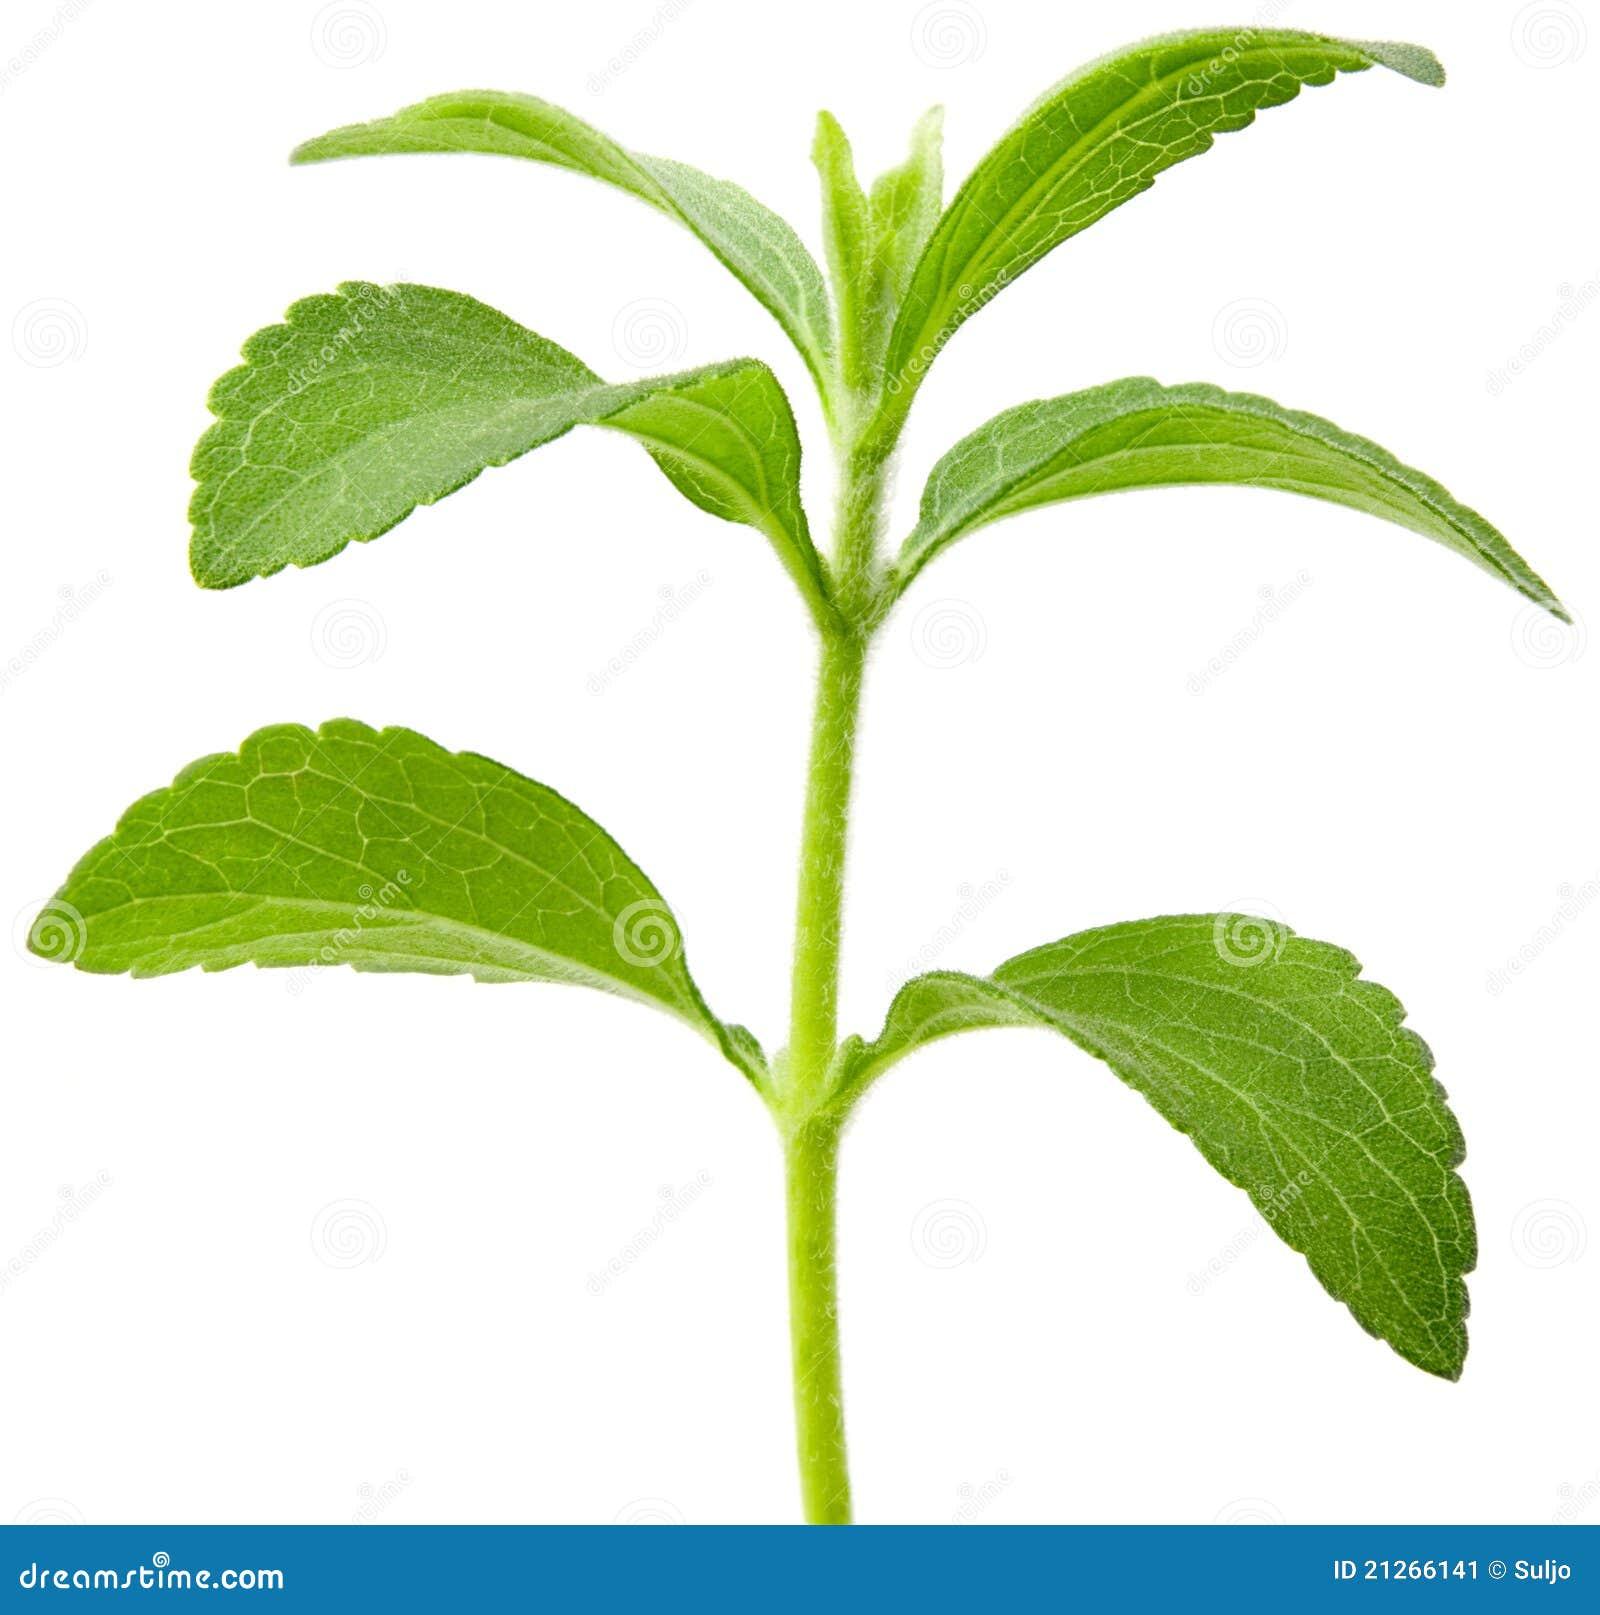 Ritaglio della pianta di stevia immagine stock immagine for Stevia pianta